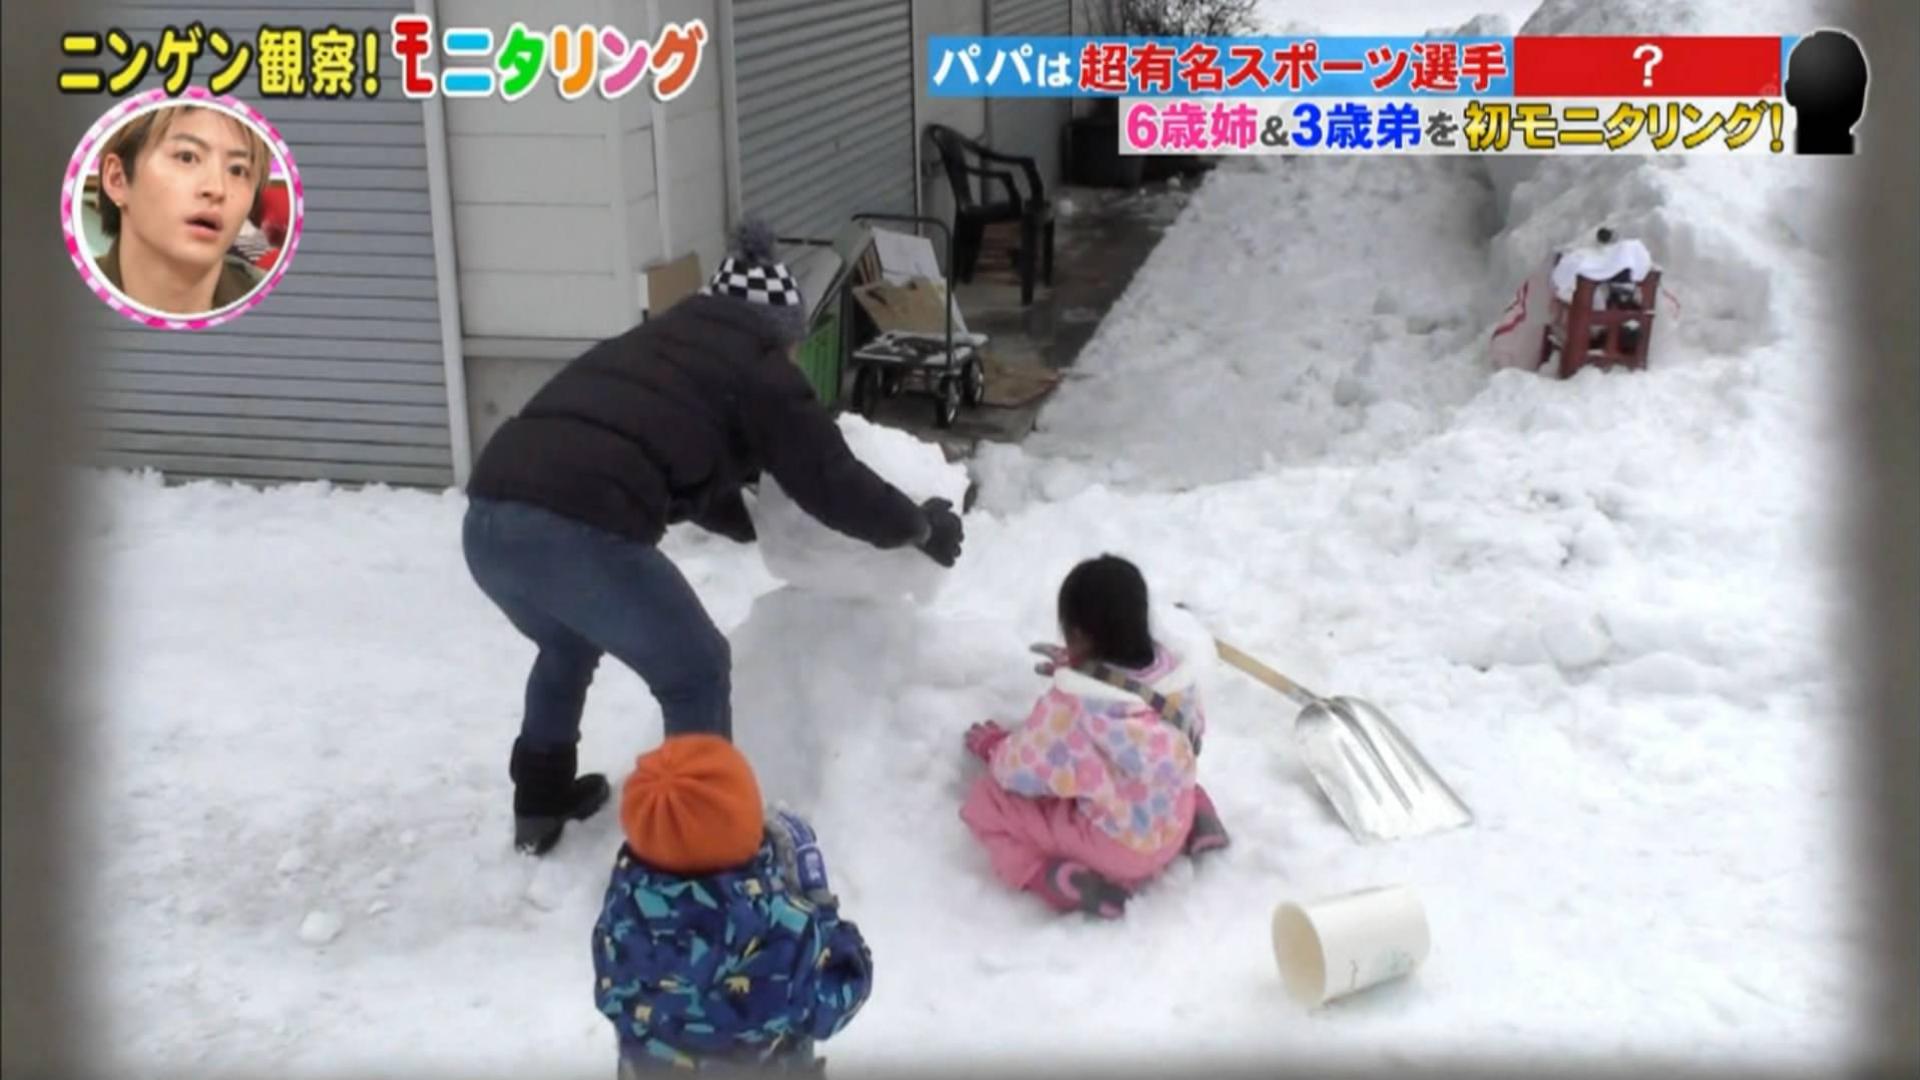 【2020综艺】20200206 如果雪人突然开口说话,小孩子会相信吗【猪猪】